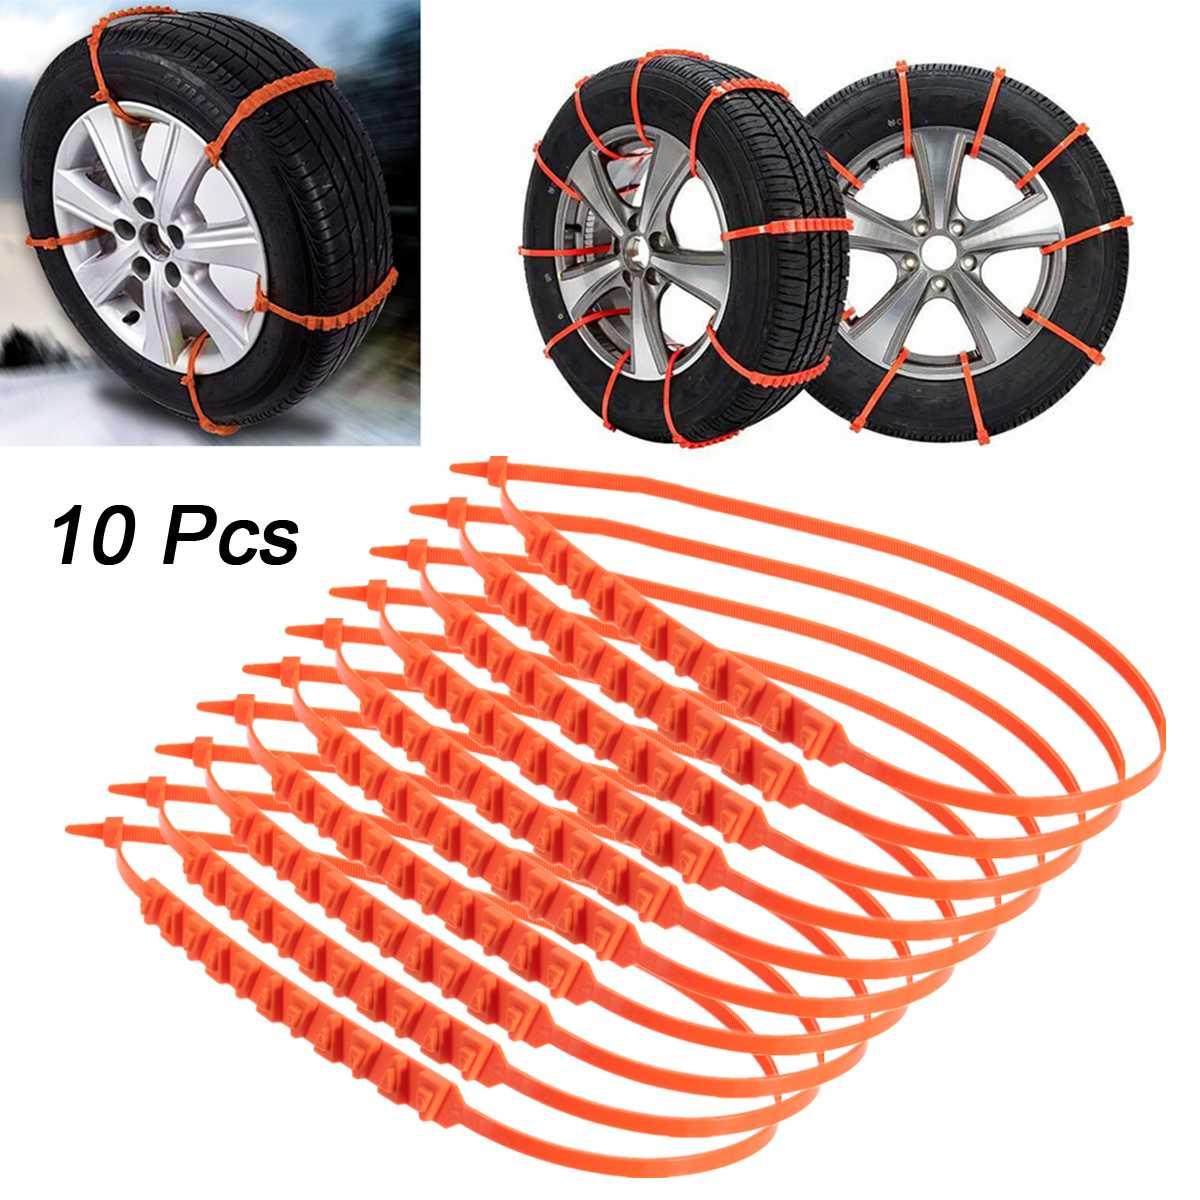 5 stücke/10 Stücke Auto Schnee Reifen Anti-skid Ketten Reifen Schnee Ketten Rad Reifen Kabel Gürtel Fit reifen Breite 175-295 Schnee Regen Winter Werkzeug